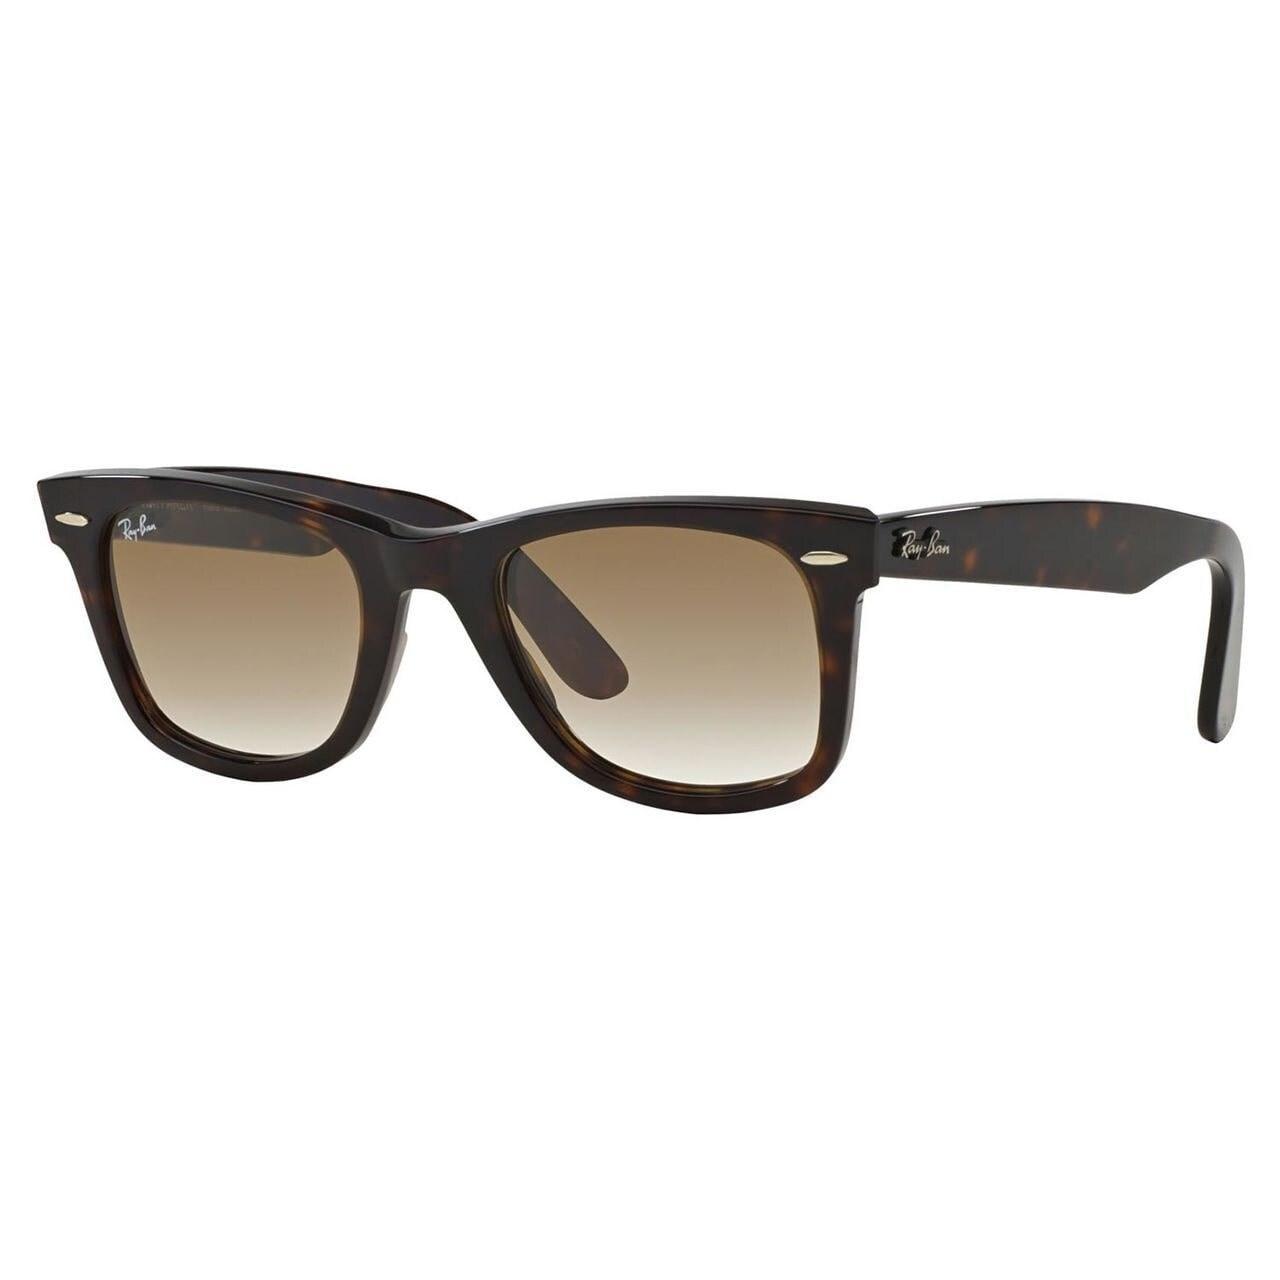 23177dd687 Ray-Ban Wayfarer Classic RB2140 Unisex Tortoise Frame Green Lens Sunglasses